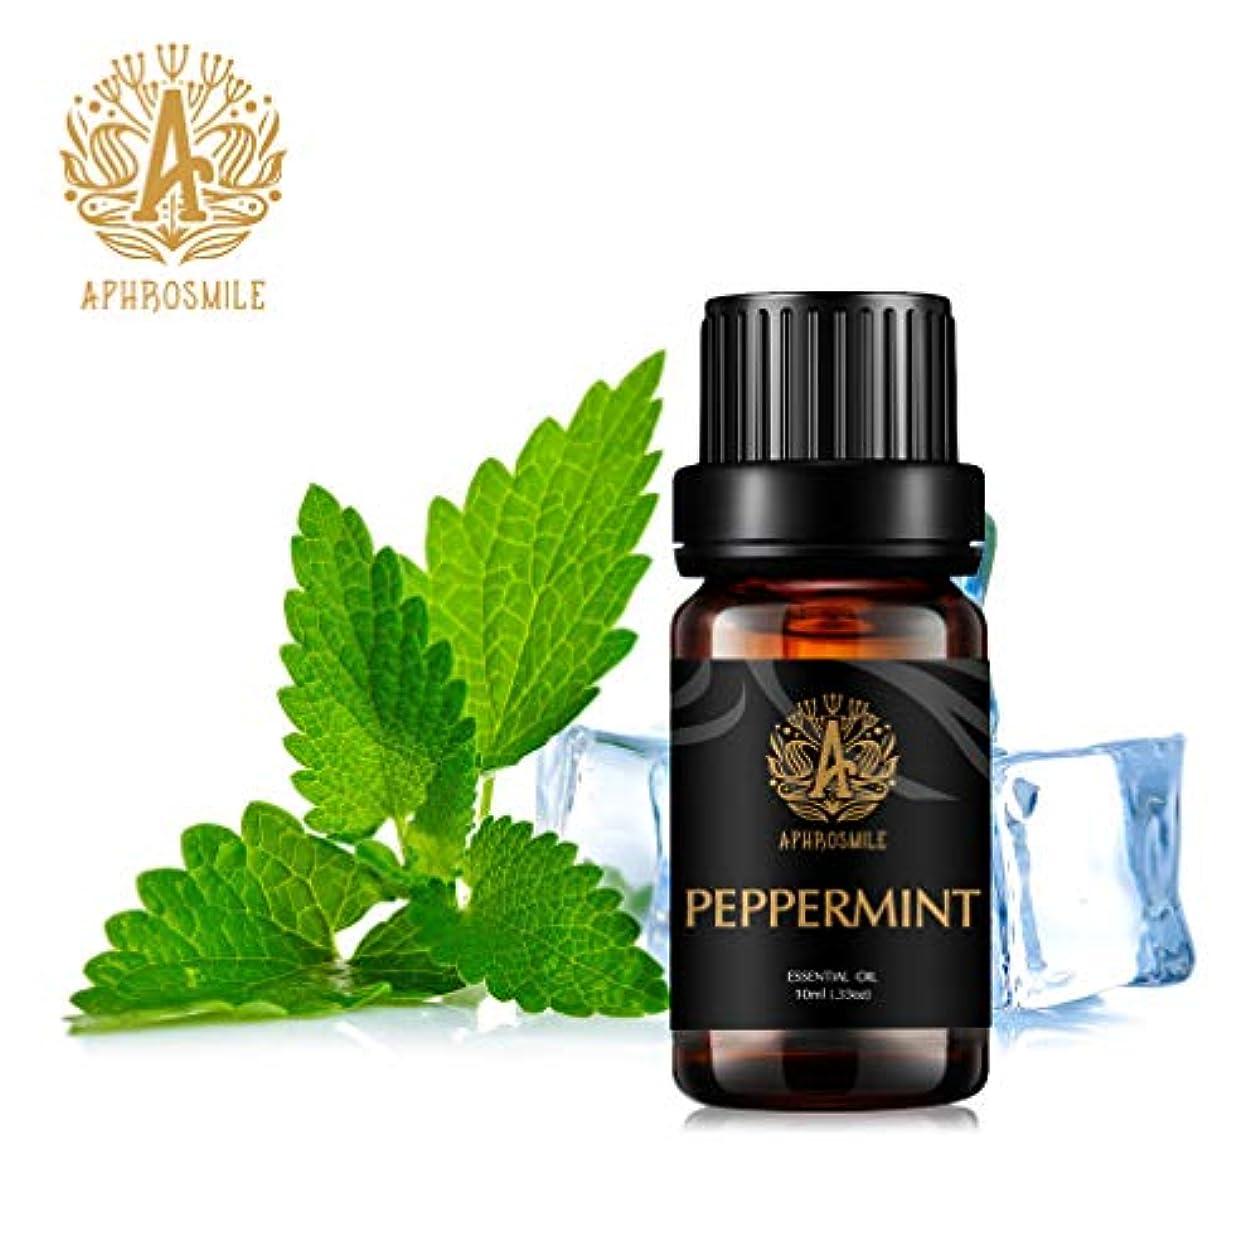 騒々しい添付小康ペパーミントの精油、100%純粋なアロマセラピーエッセンシャルオイルペパーミントの香り、明確な思考と、治療用グレードエッセンシャルオイルペパーミントの香り為にディフューザー、マッサージ、加湿器、デイリーケア、0.33オンス...